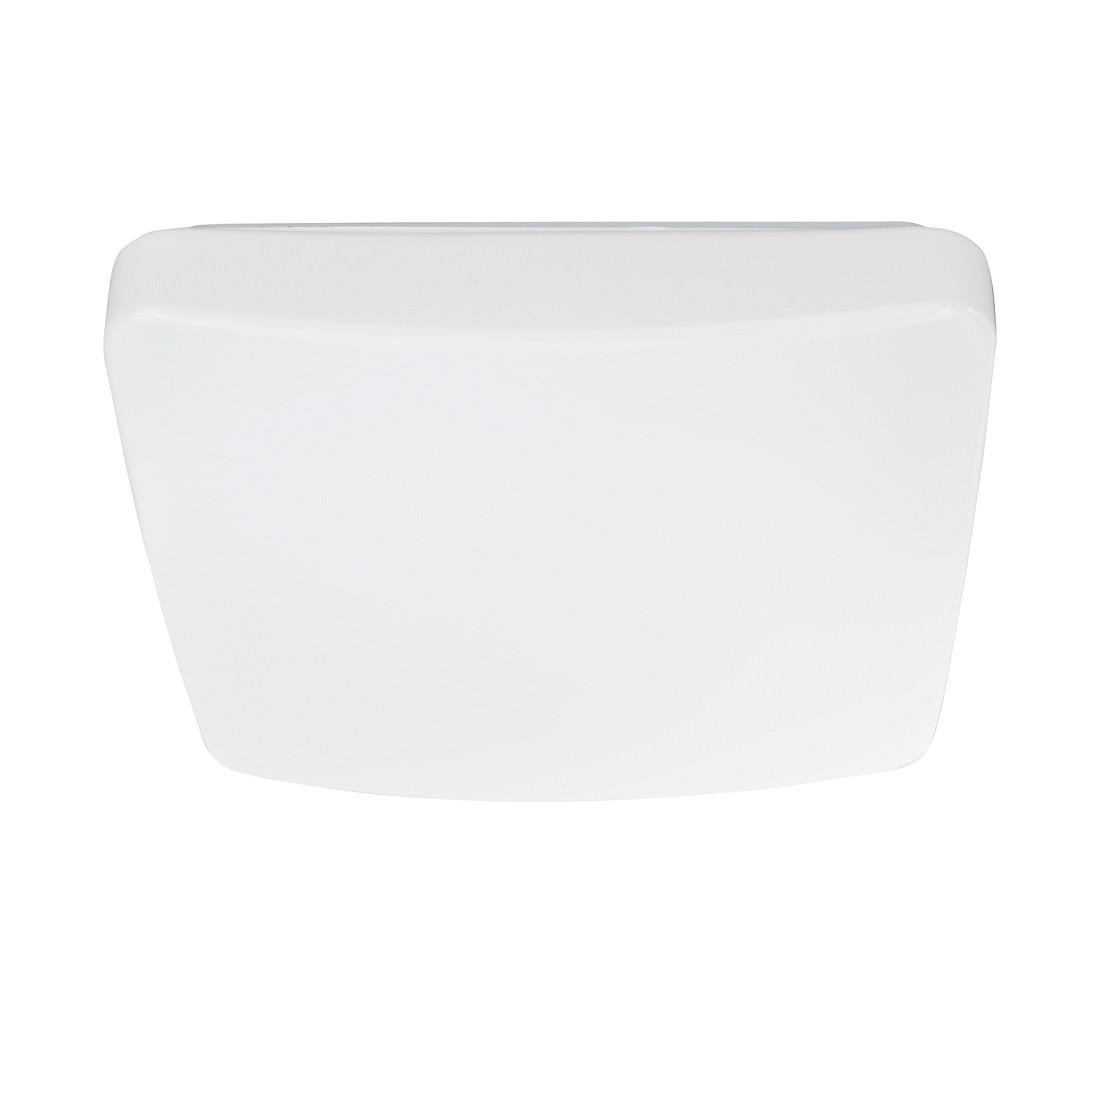 LED-plafondlamp Sensitive - kunststof/metaal wit, Näve